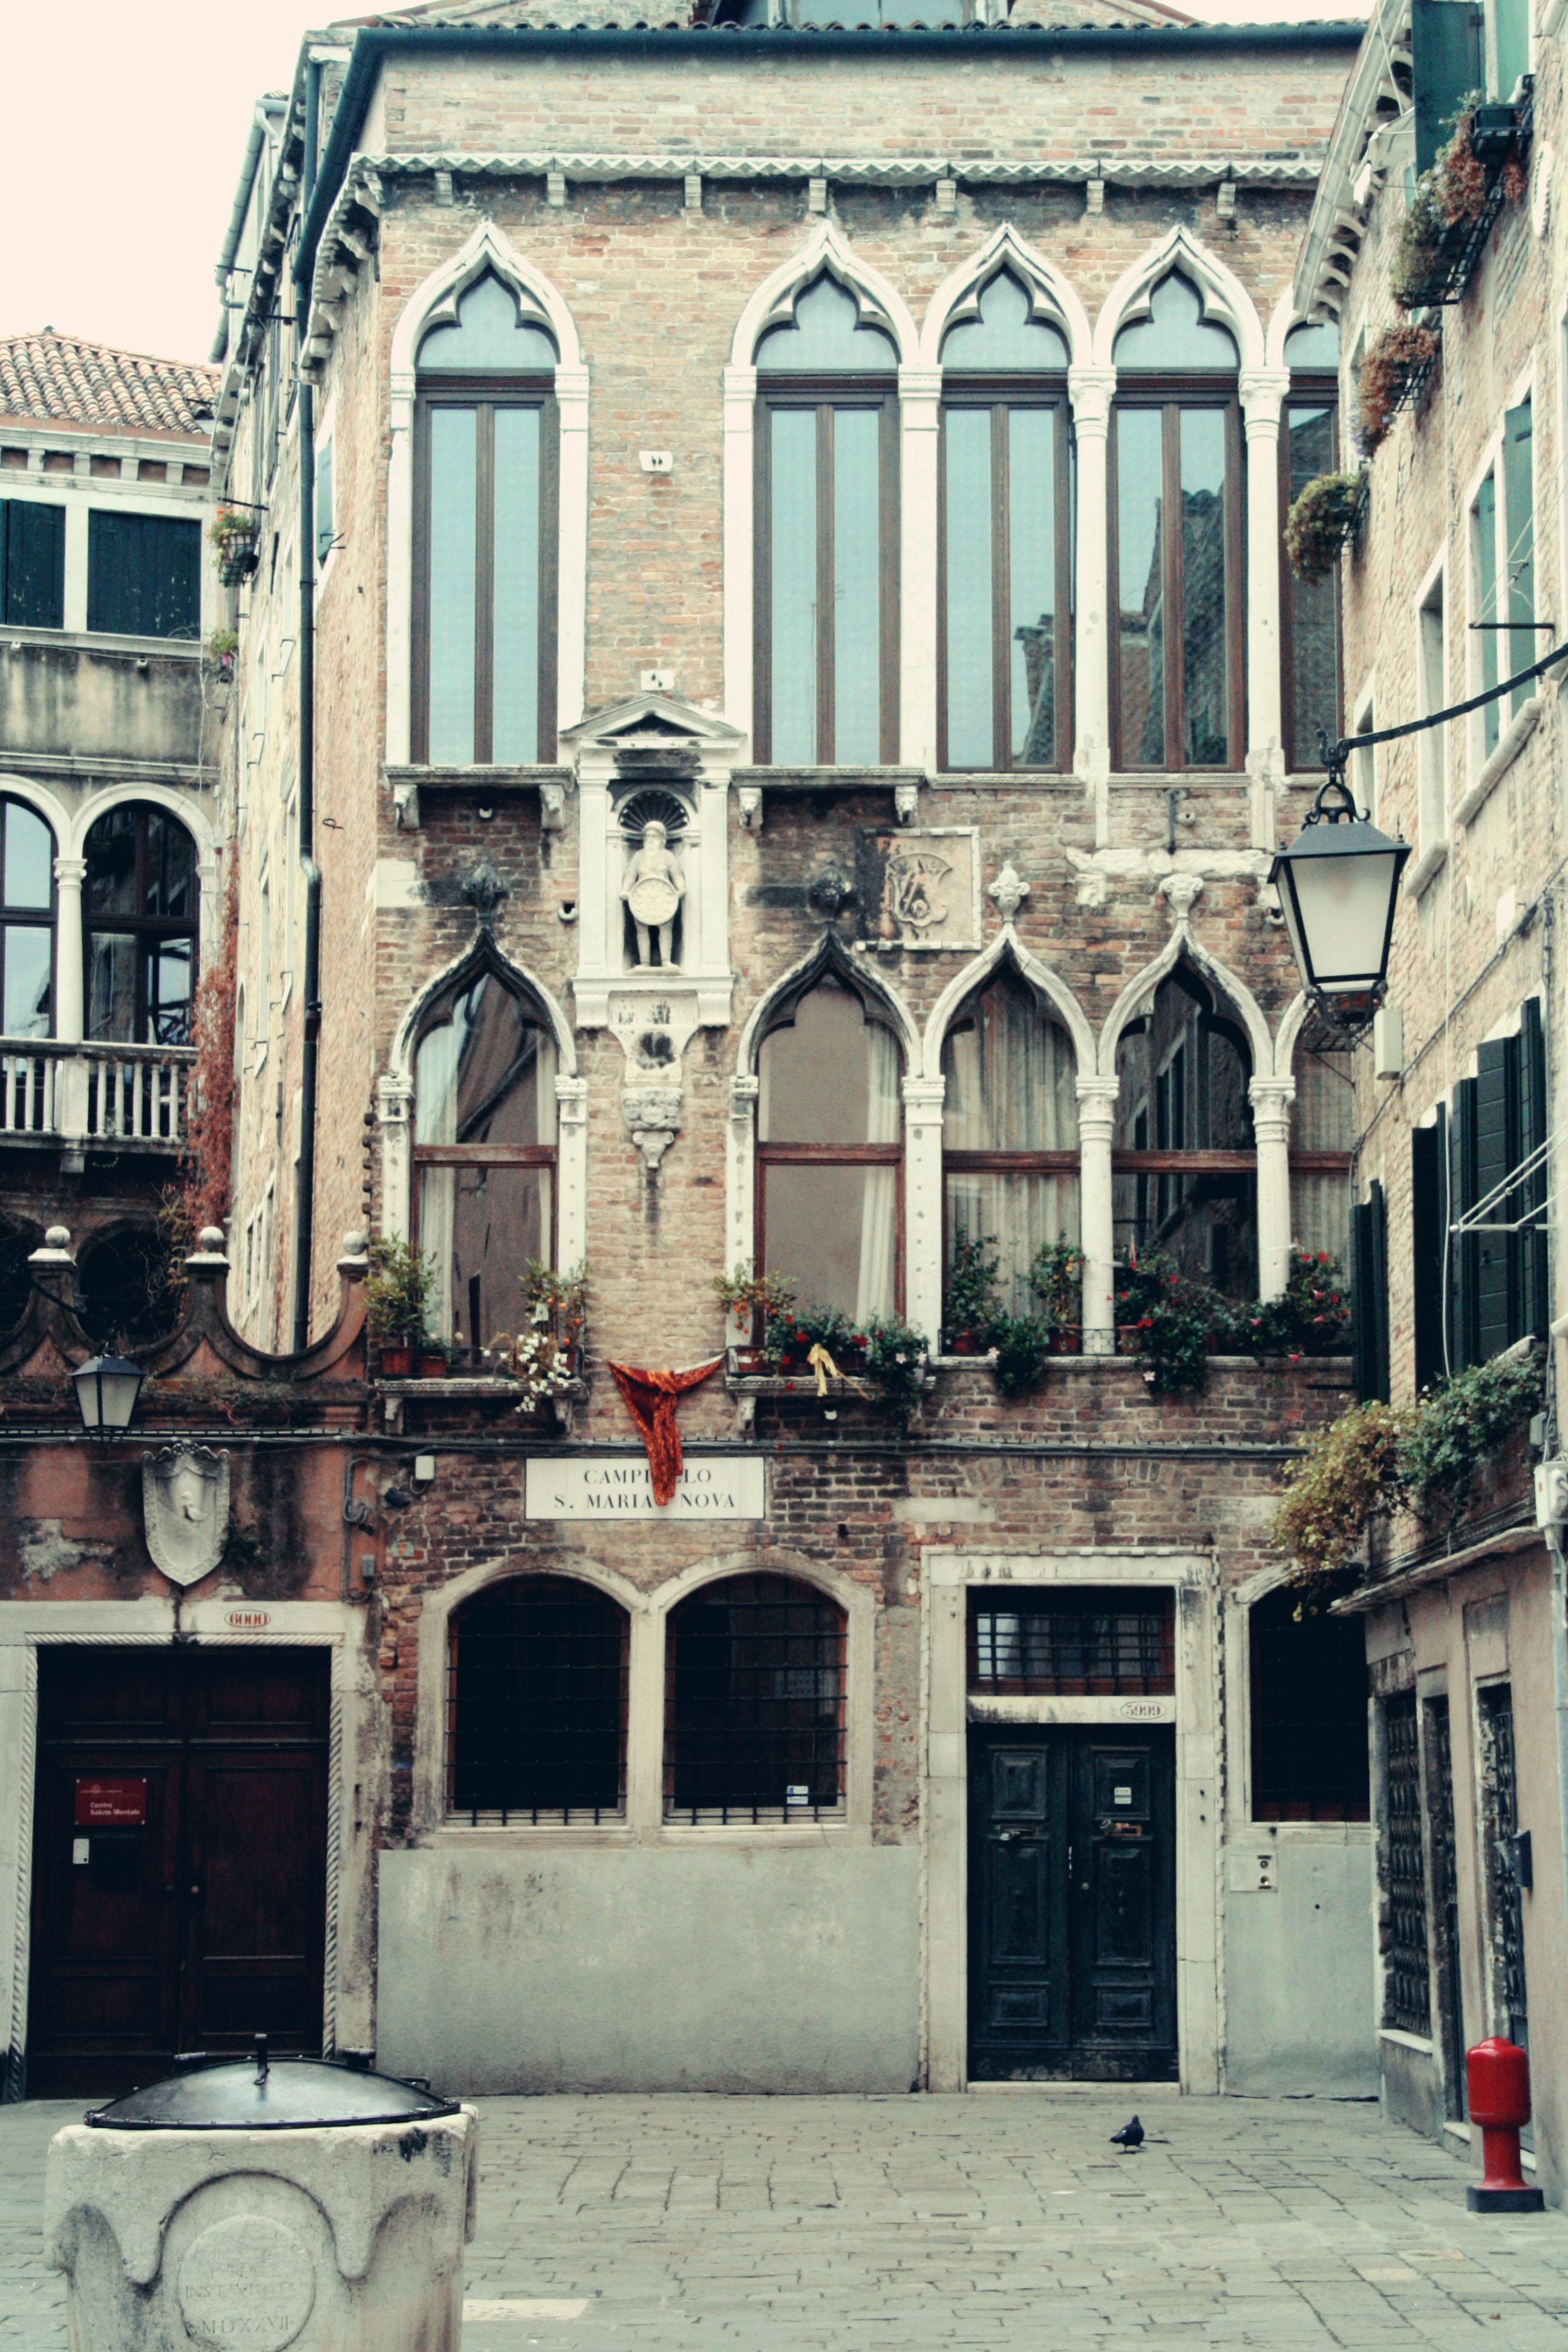 venezia 3 parte (2)